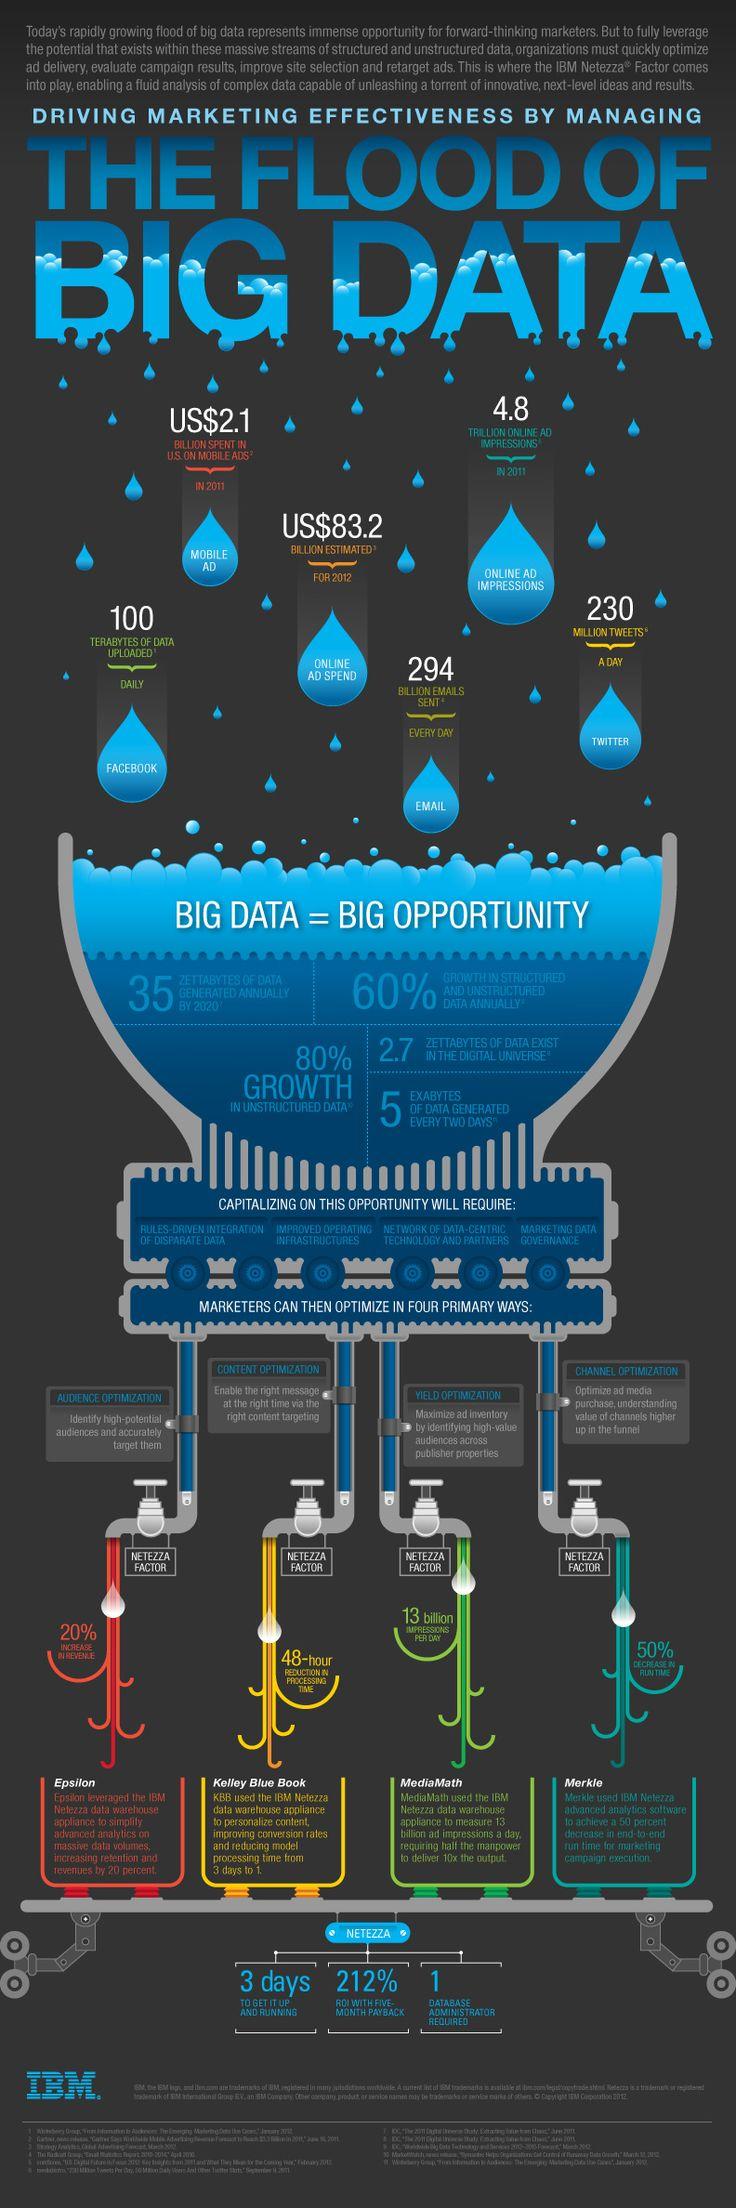 Managing the Big Flood of Big Data in Digital Marketing